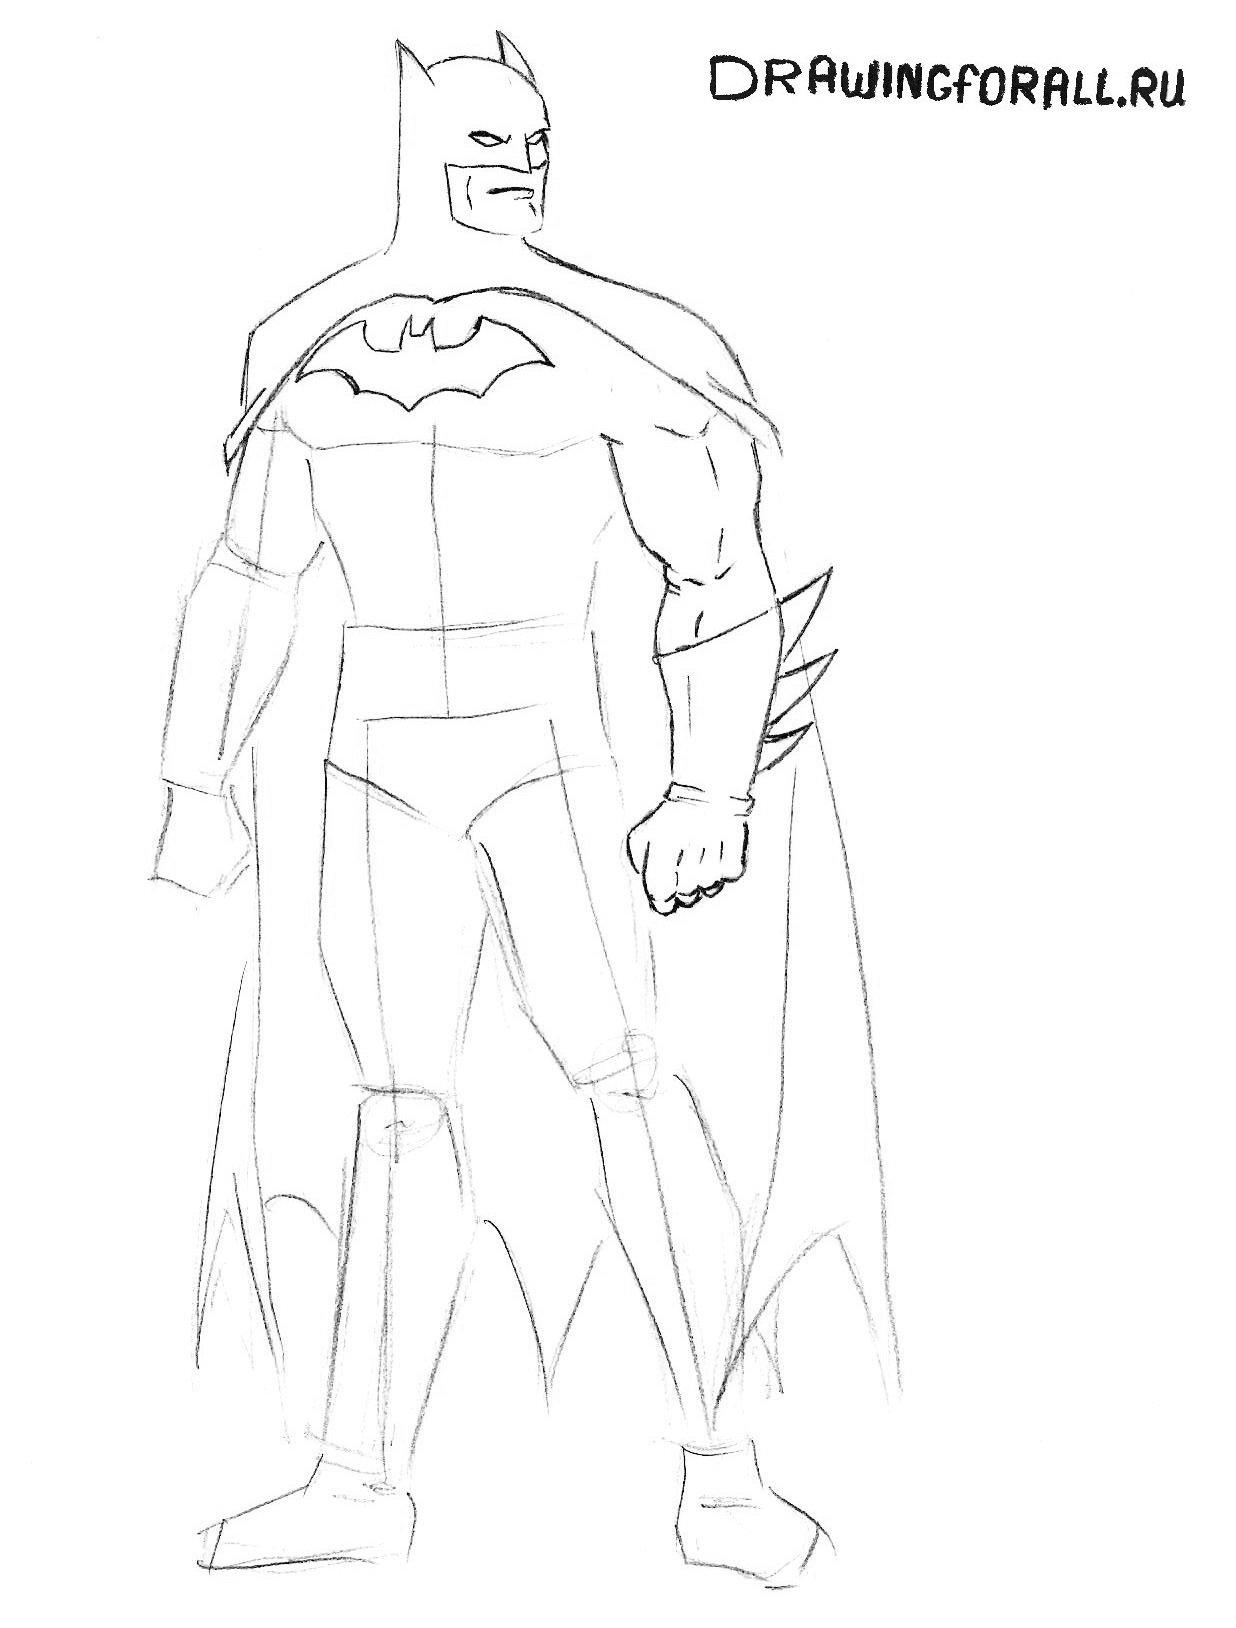 Как нарисовать бэтмена маску